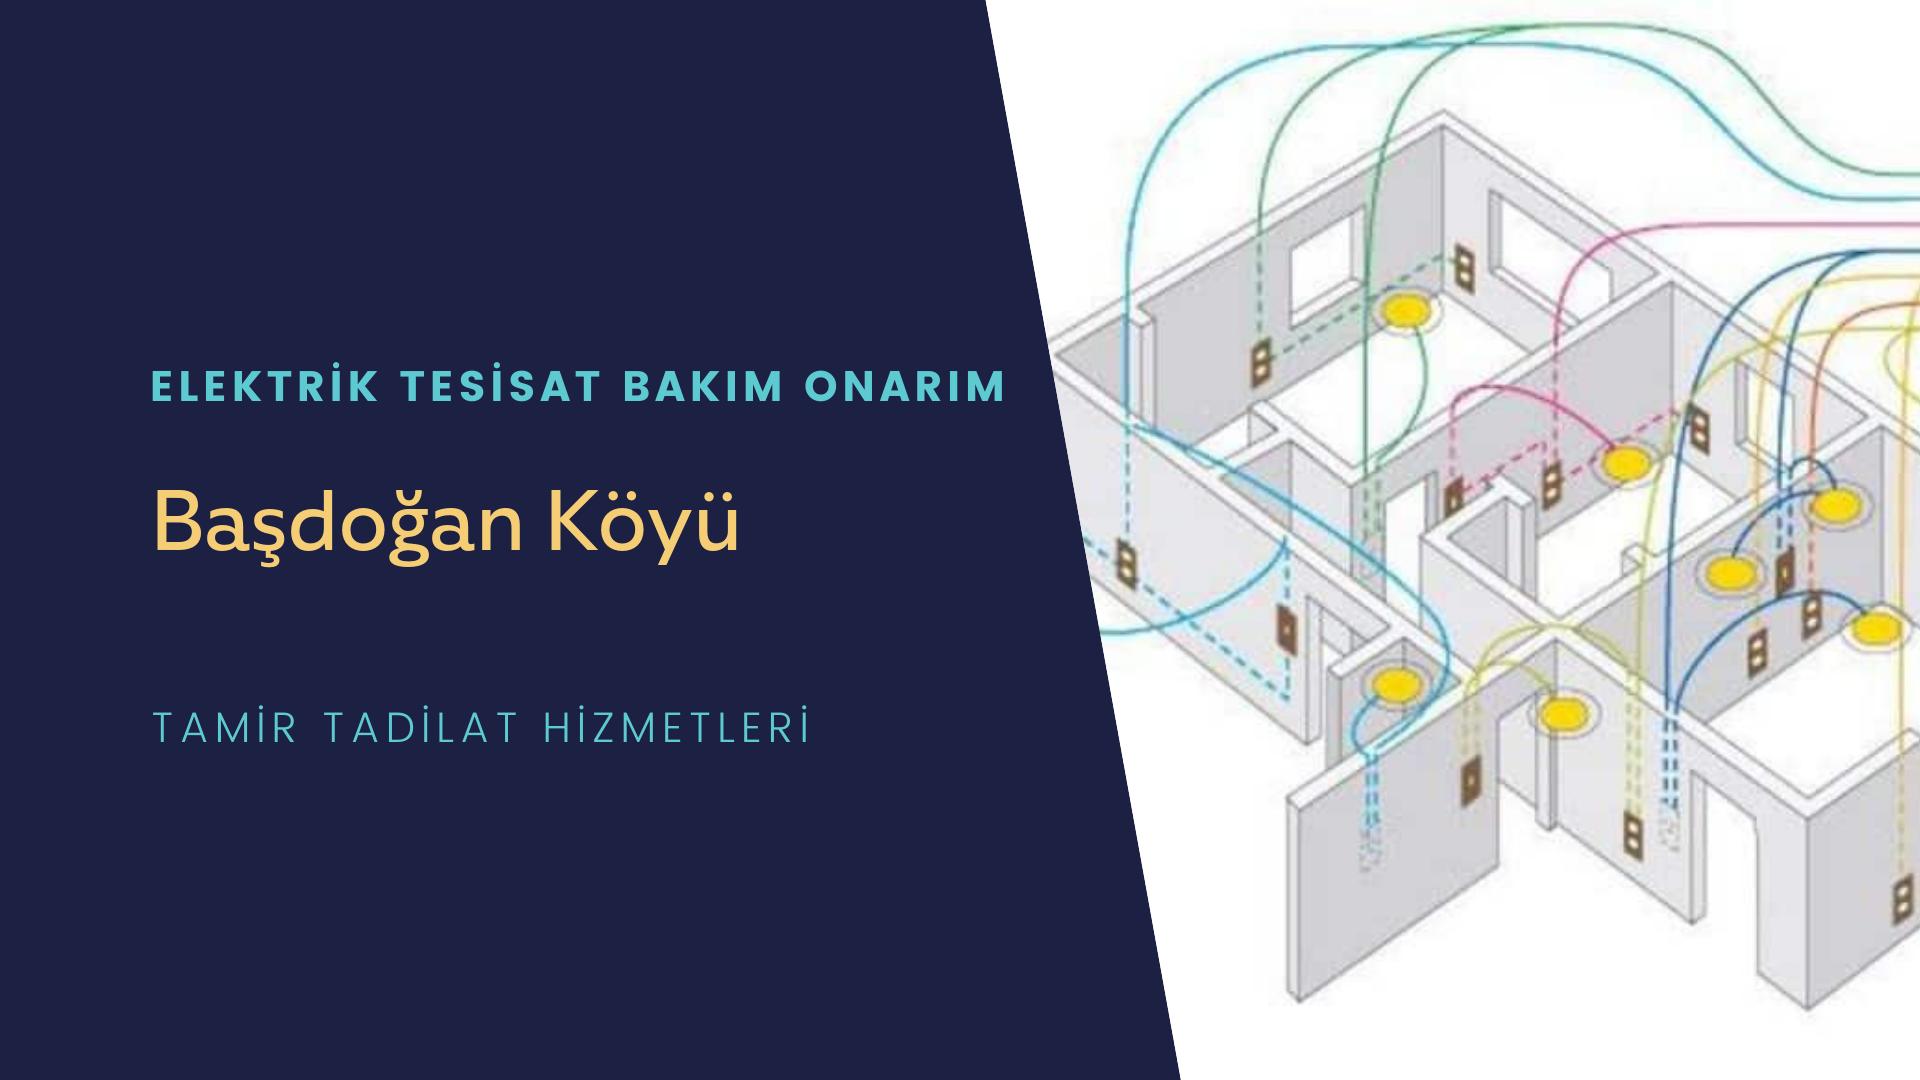 Başdoğan Köyü  elektrik tesisatıustalarımı arıyorsunuz doğru adrestenizi Başdoğan Köyü elektrik tesisatı ustalarımız 7/24 sizlere hizmet vermekten mutluluk duyar.